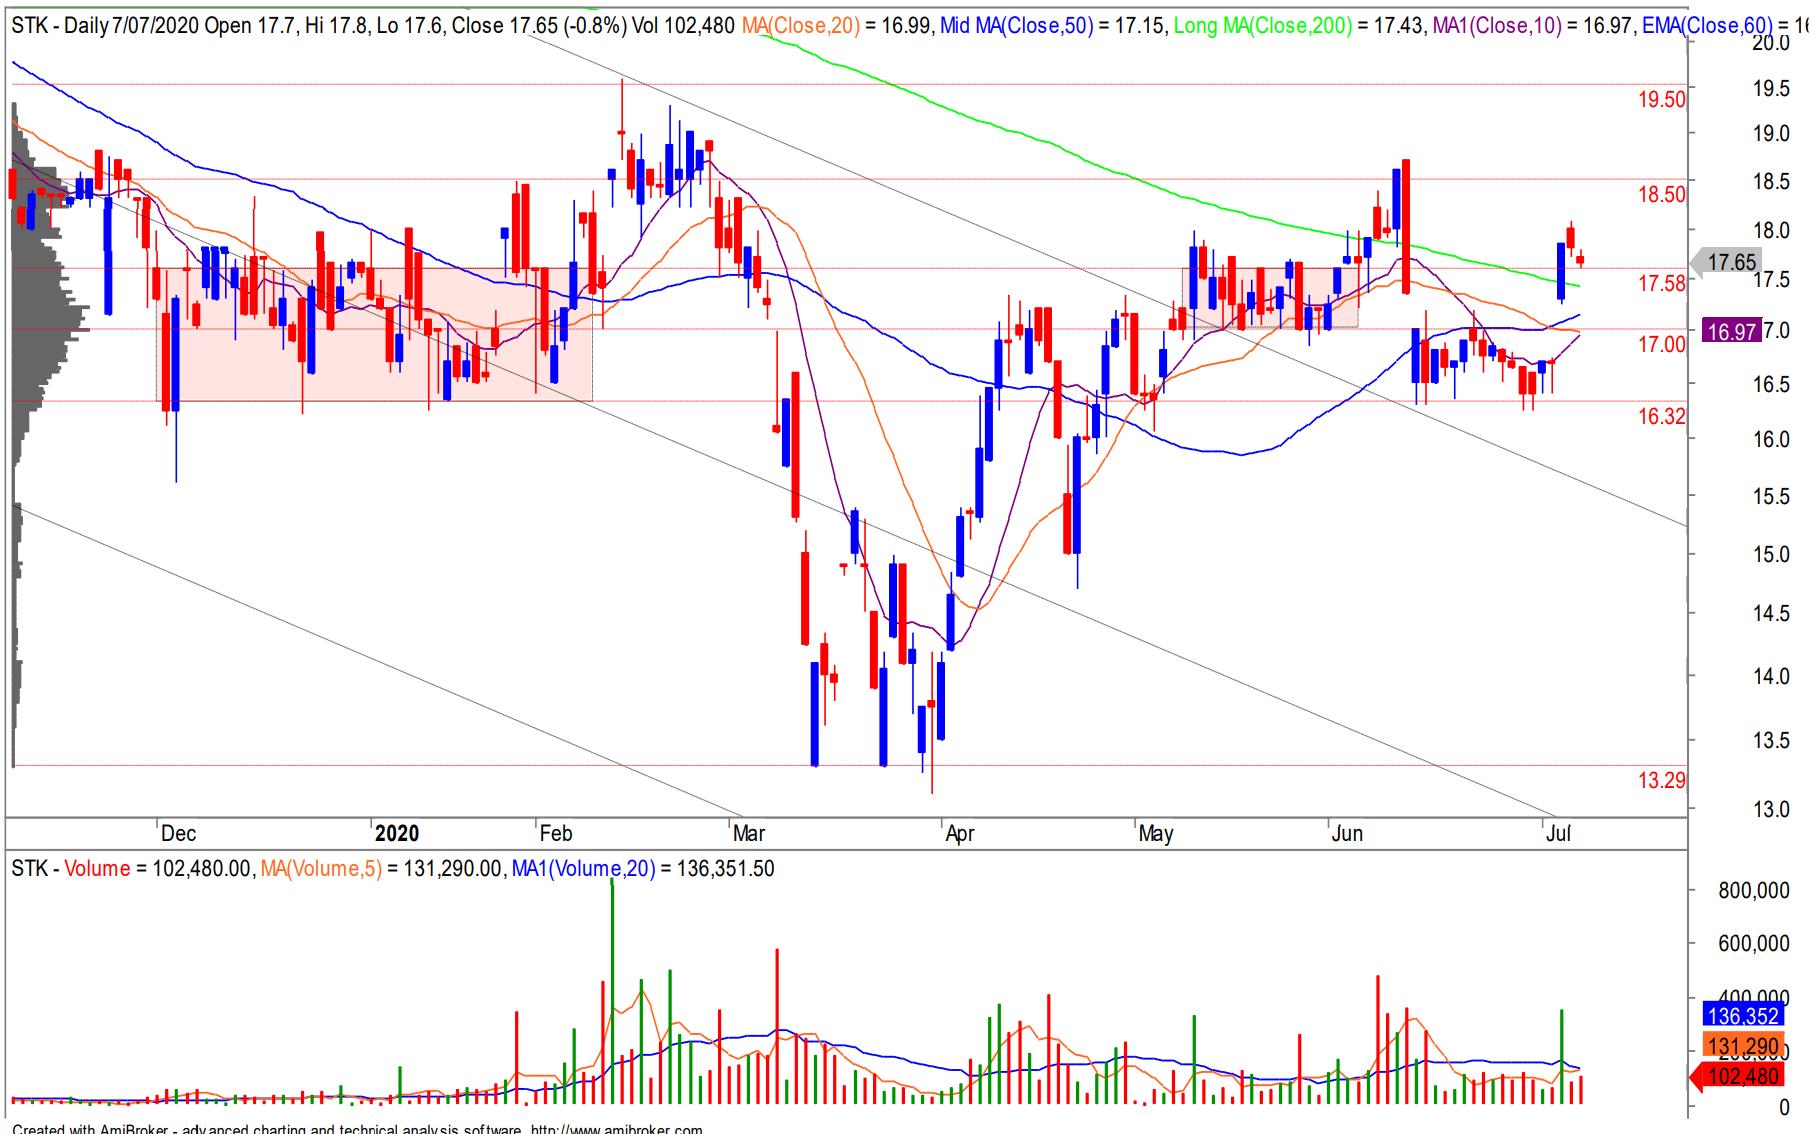 Cổ phiếu tâm điểm ngày 9/7: CTG, TCM, IMP, STK - Ảnh 4.